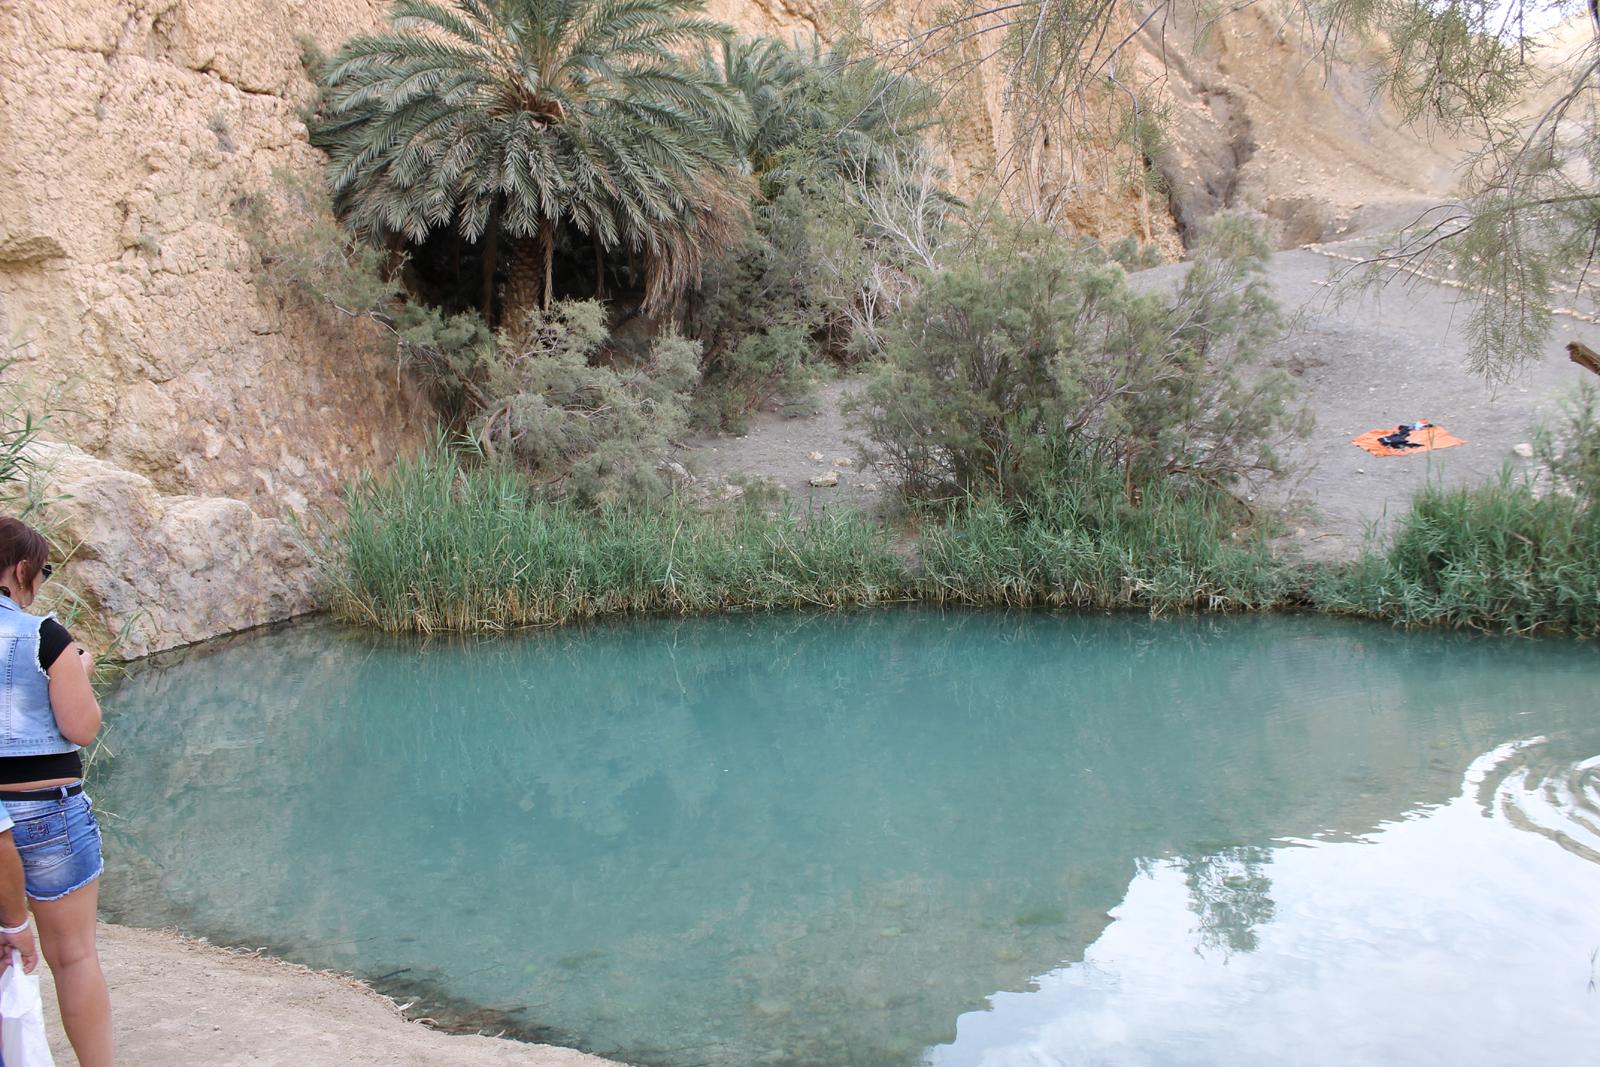 озеро в оазисе